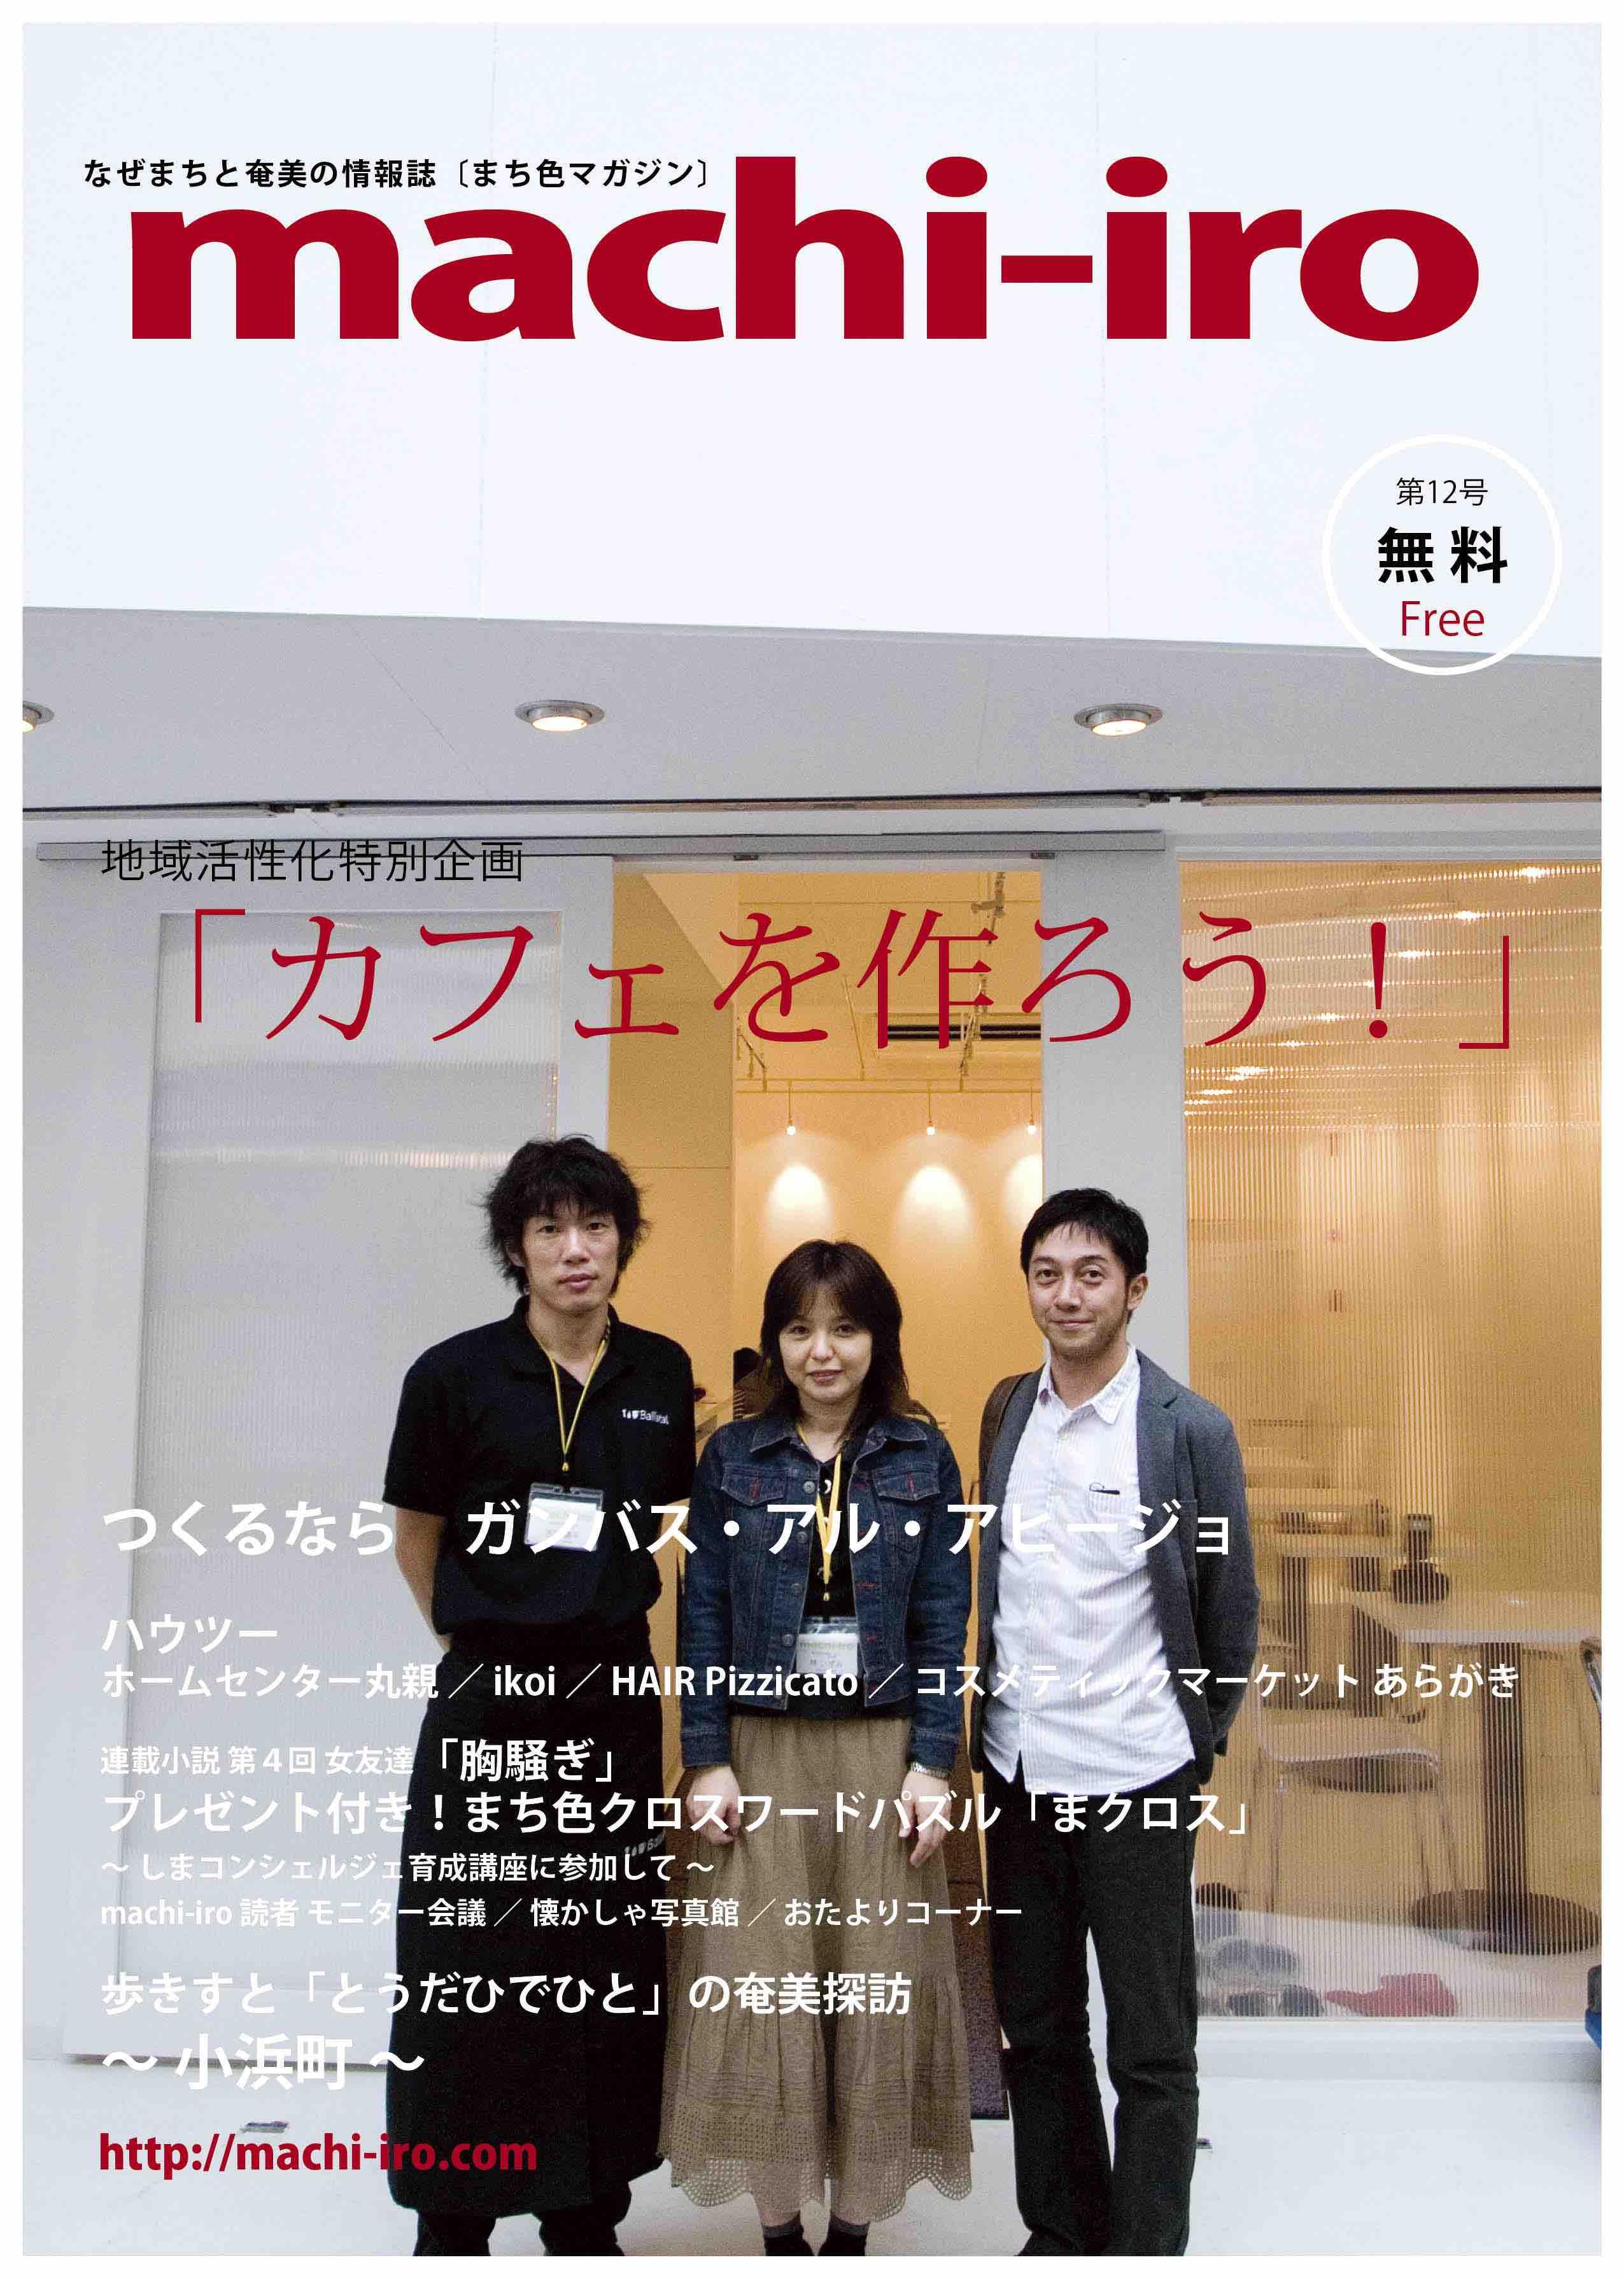 machi-iro magazine #12